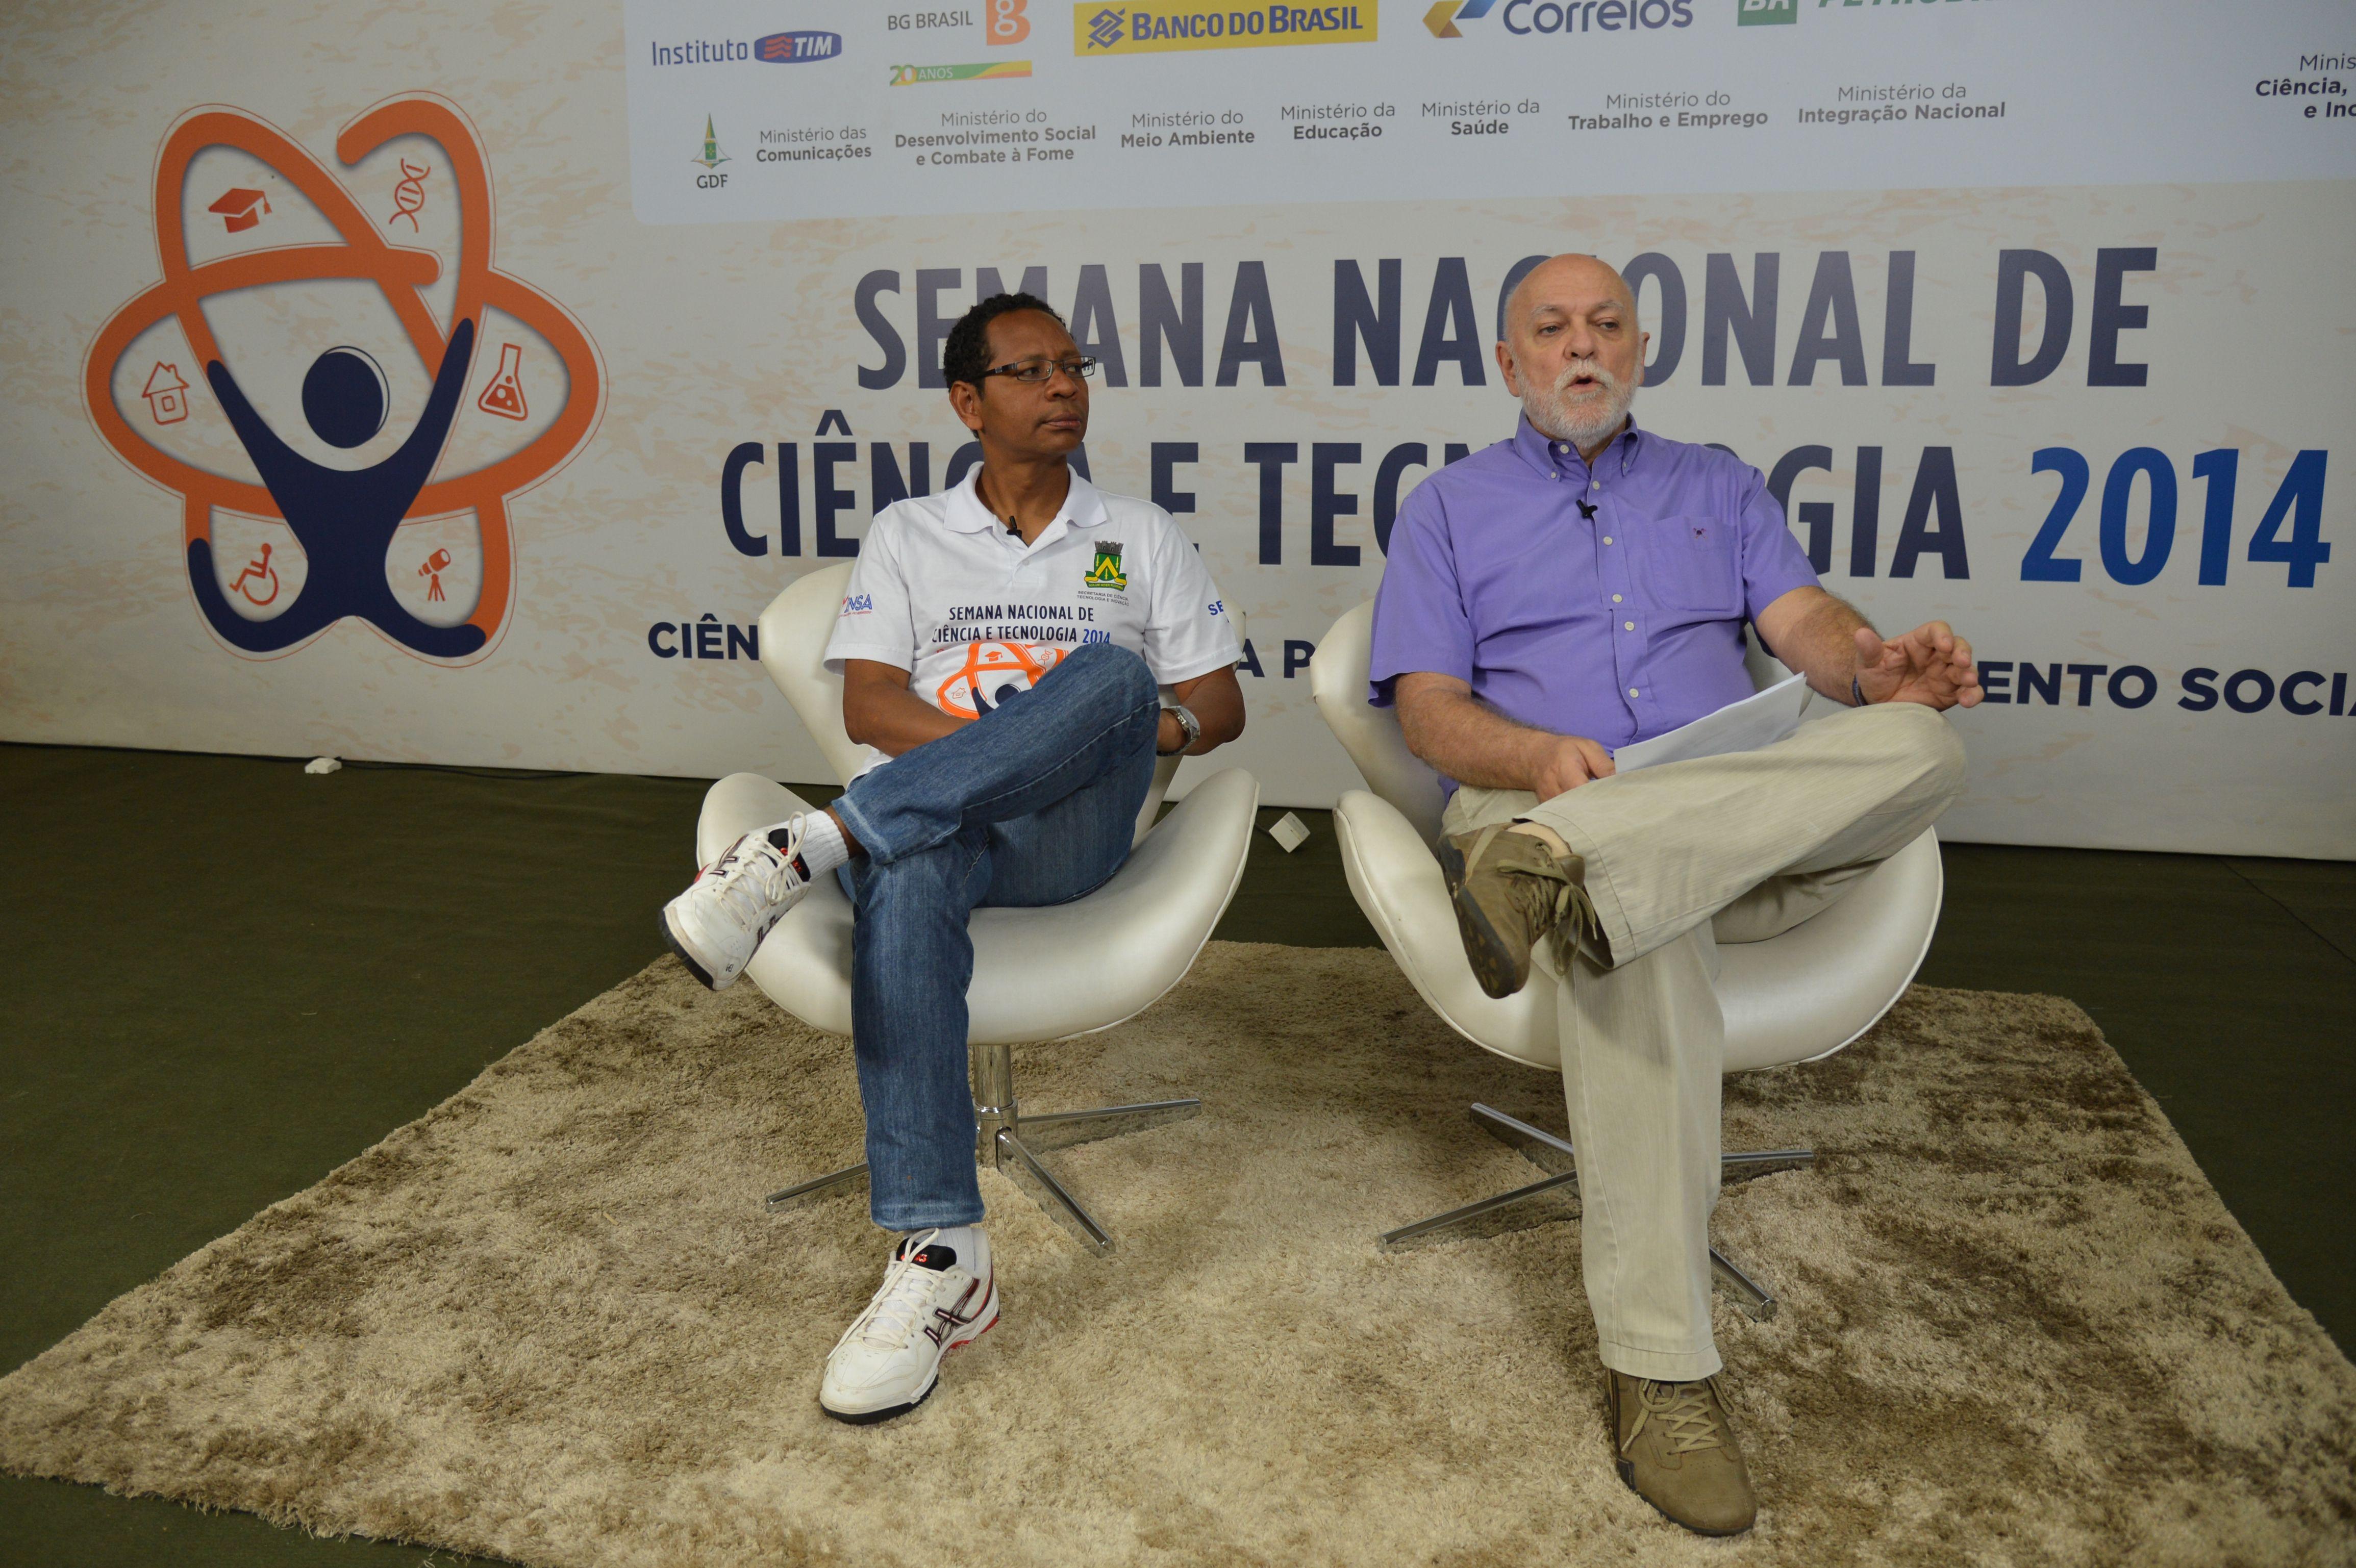 O secretário do MCTI, Oswaldo Duarte, e o diretor Douglas Falcão, falam sobre a Semana Nacional de Ciência e Tecnologia (Fabio Rodrigues PozzebomAgência Brasil)